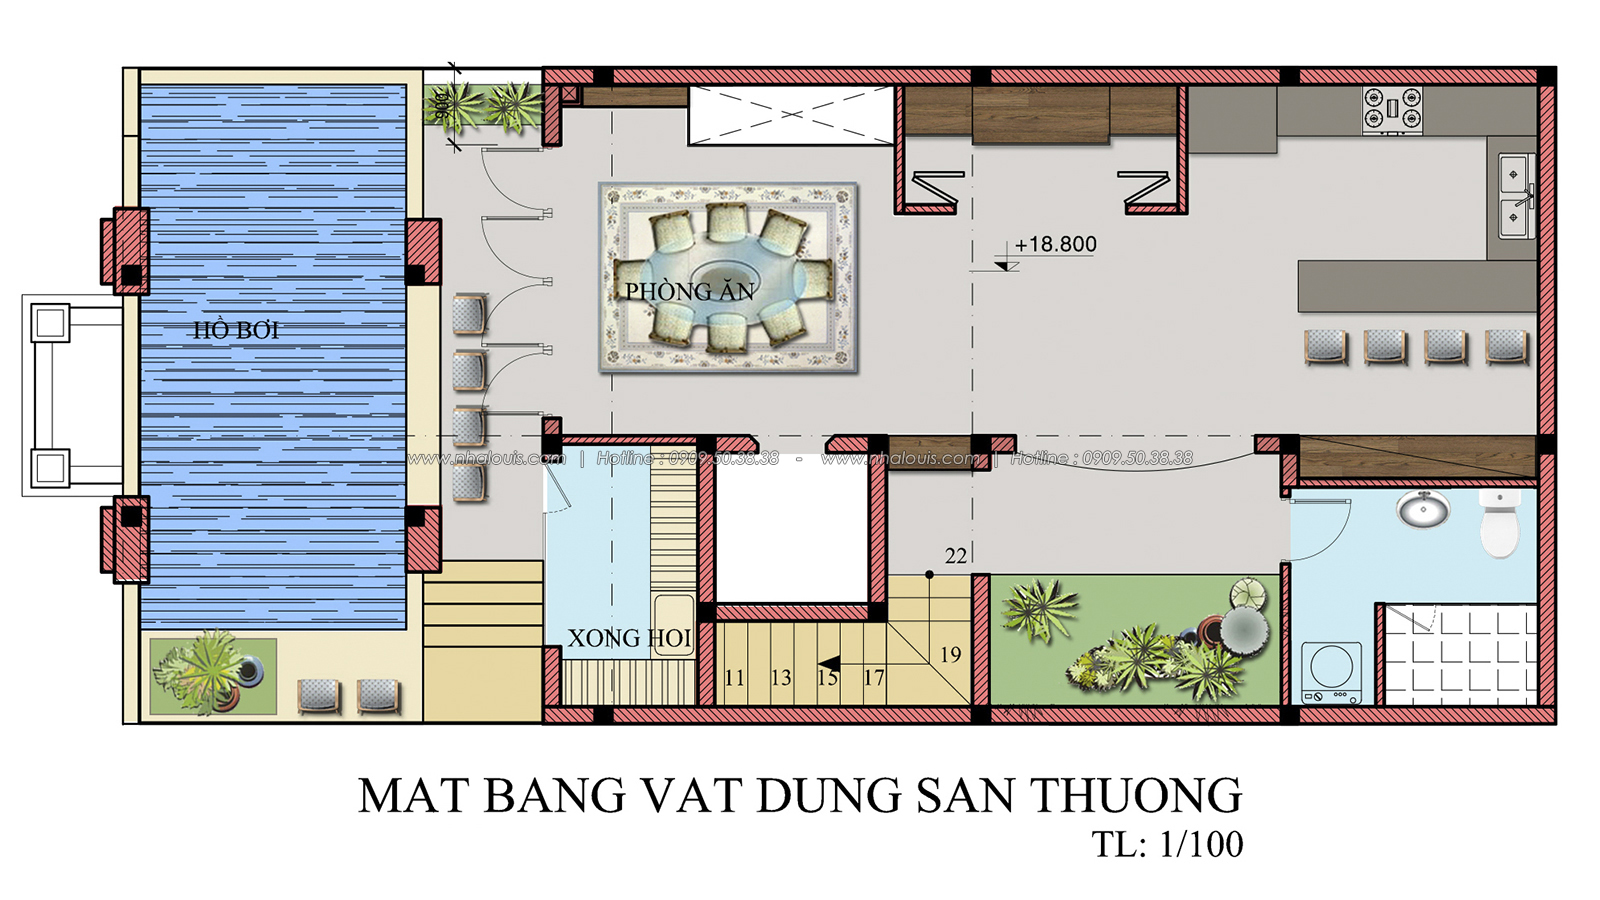 Đẳng cấp thiết kế penthouses với nội thất cực chất anh Kim quận Tân Bình - 26